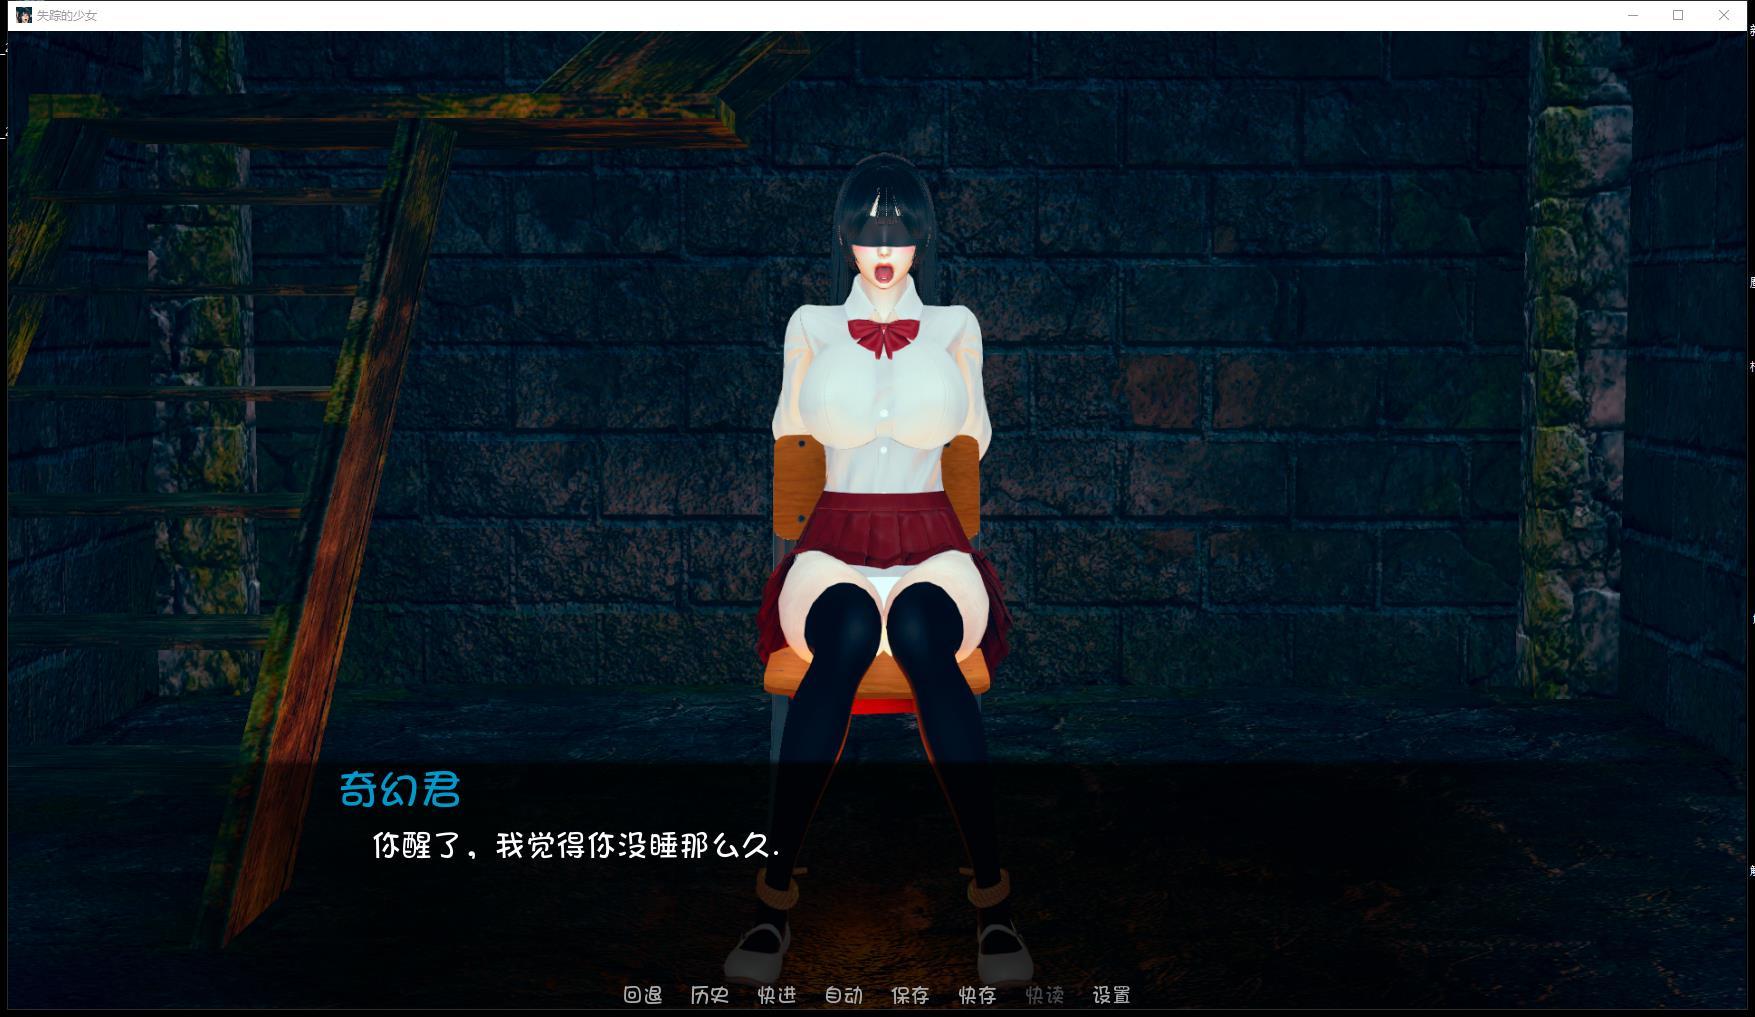 失踪的少女 V0.1.4asd PC+安卓最新汉化版【4G/欧美SLG/奇幻汉化】 安卓端-第2张